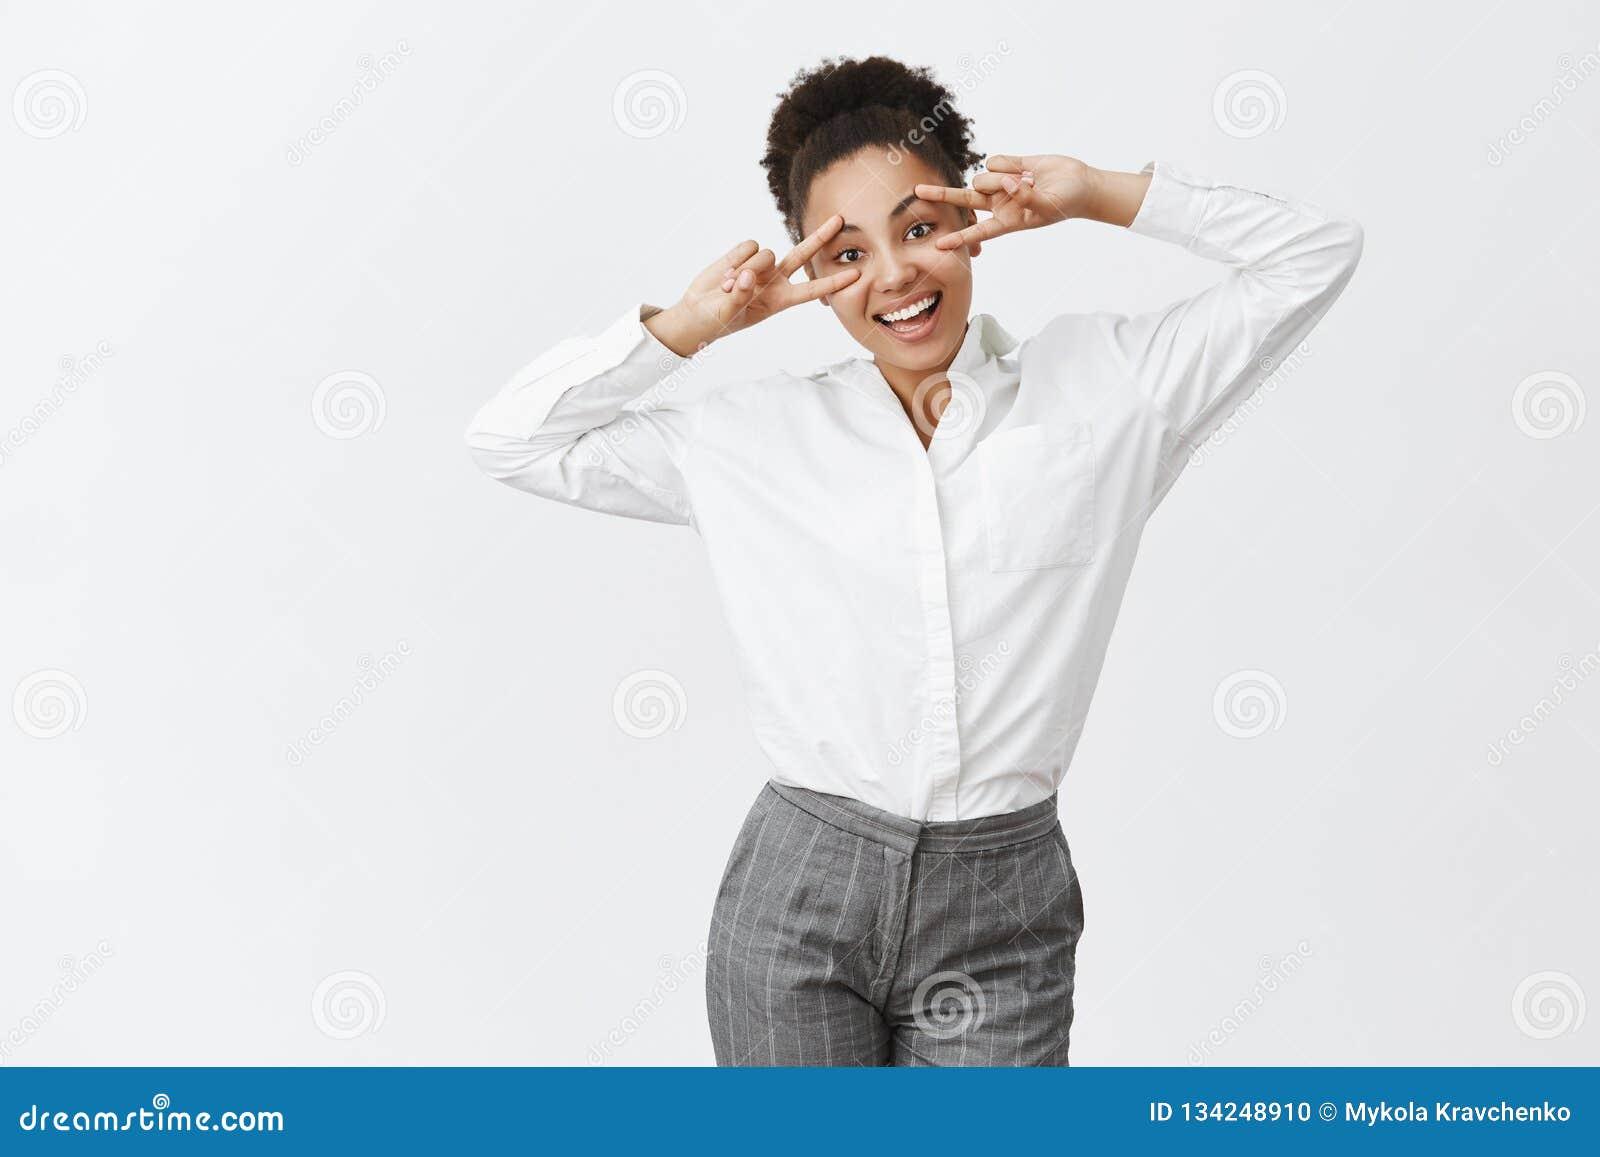 Vida de vida encantadora de la muchacha feliz al profesor particular de sexo femenino de piel morena lindo más lleno en el traje,